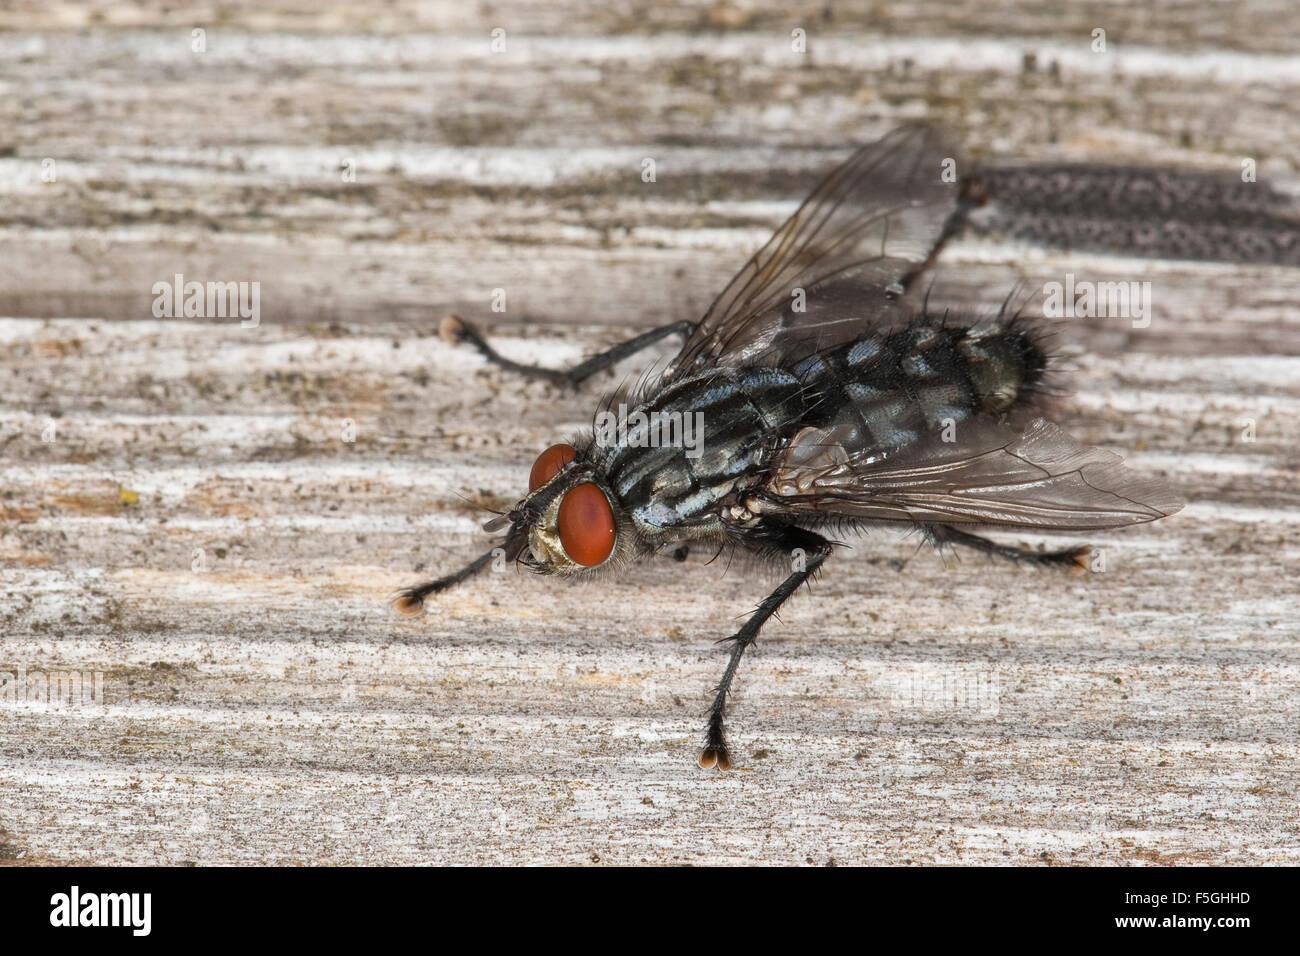 Fly, Fleshfly, flesh-fly, Fleischfliege, Fleisch-Fliege, Sarcophaga cf. carnaria, Sarcophagidae, Fleischfliegen, Stock Photo